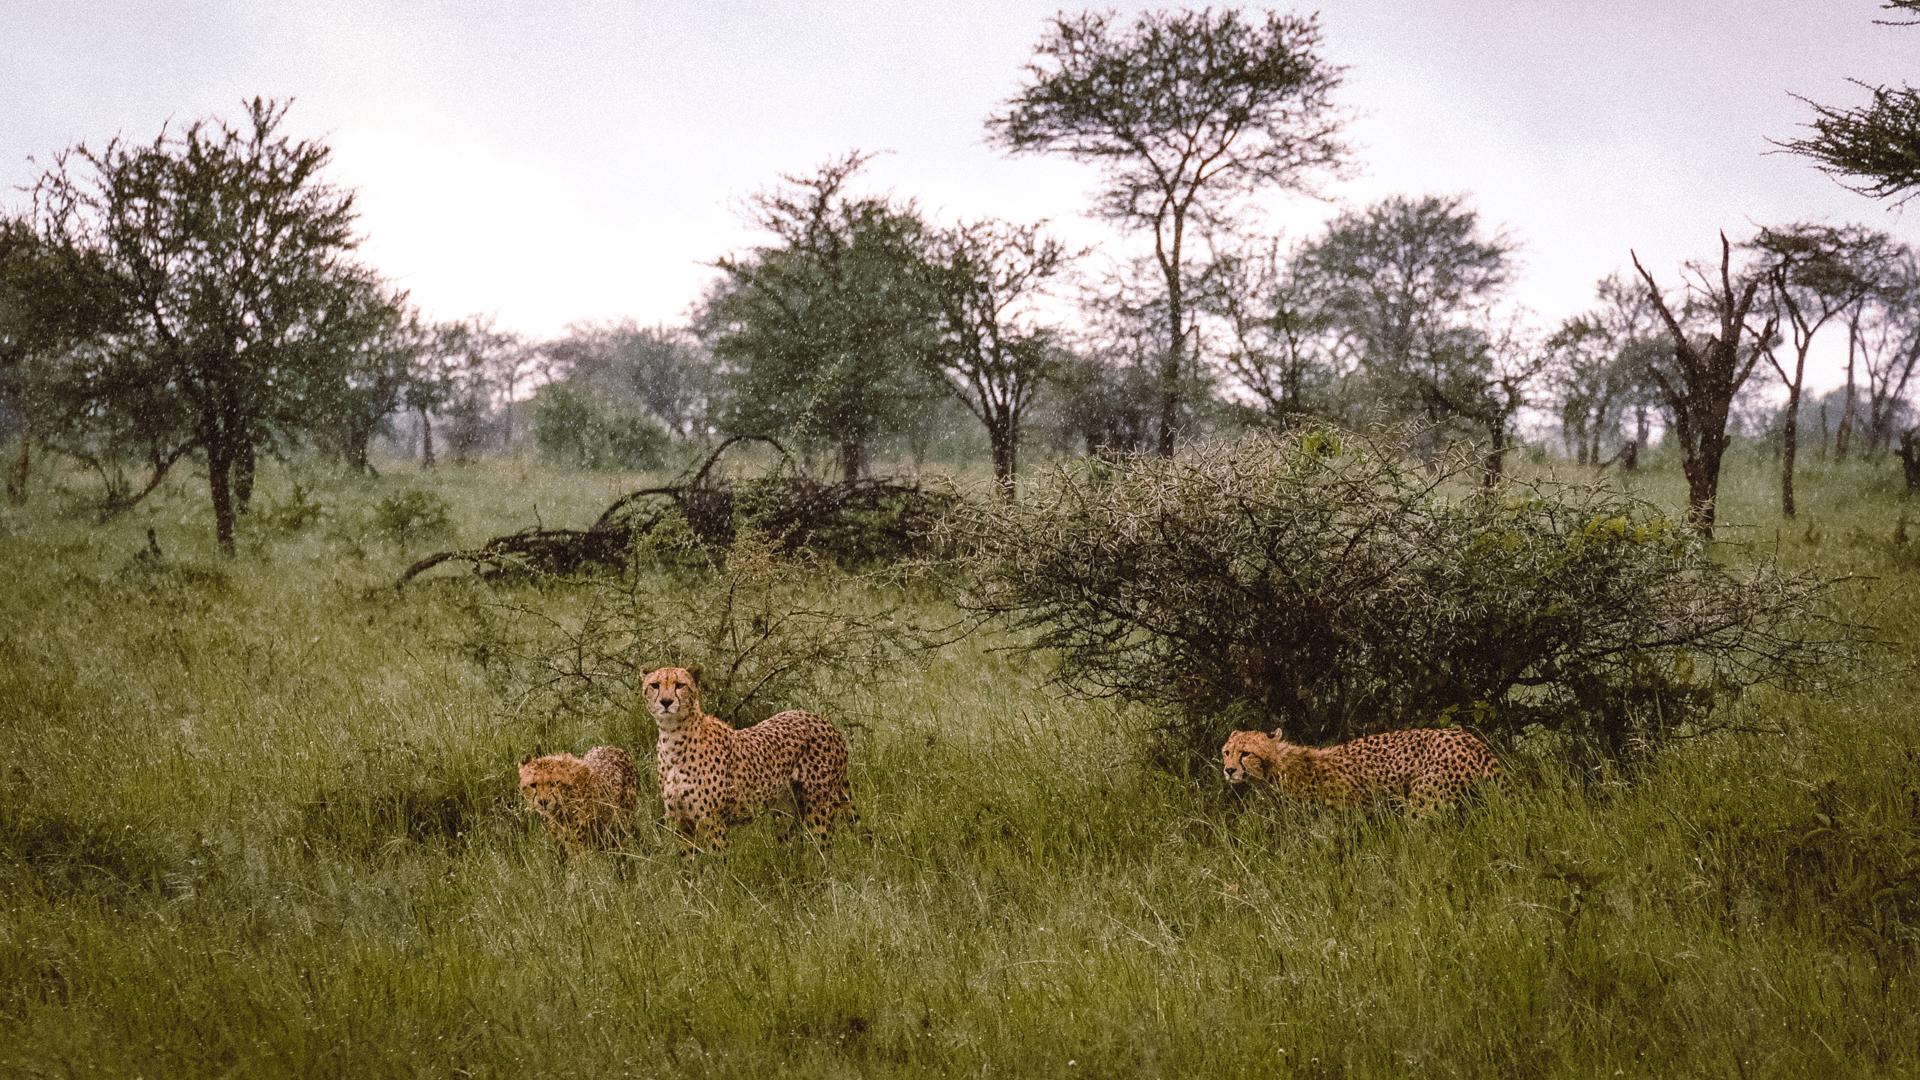 Cheetahs checking us out in the Serengeti National Park, Tanzania